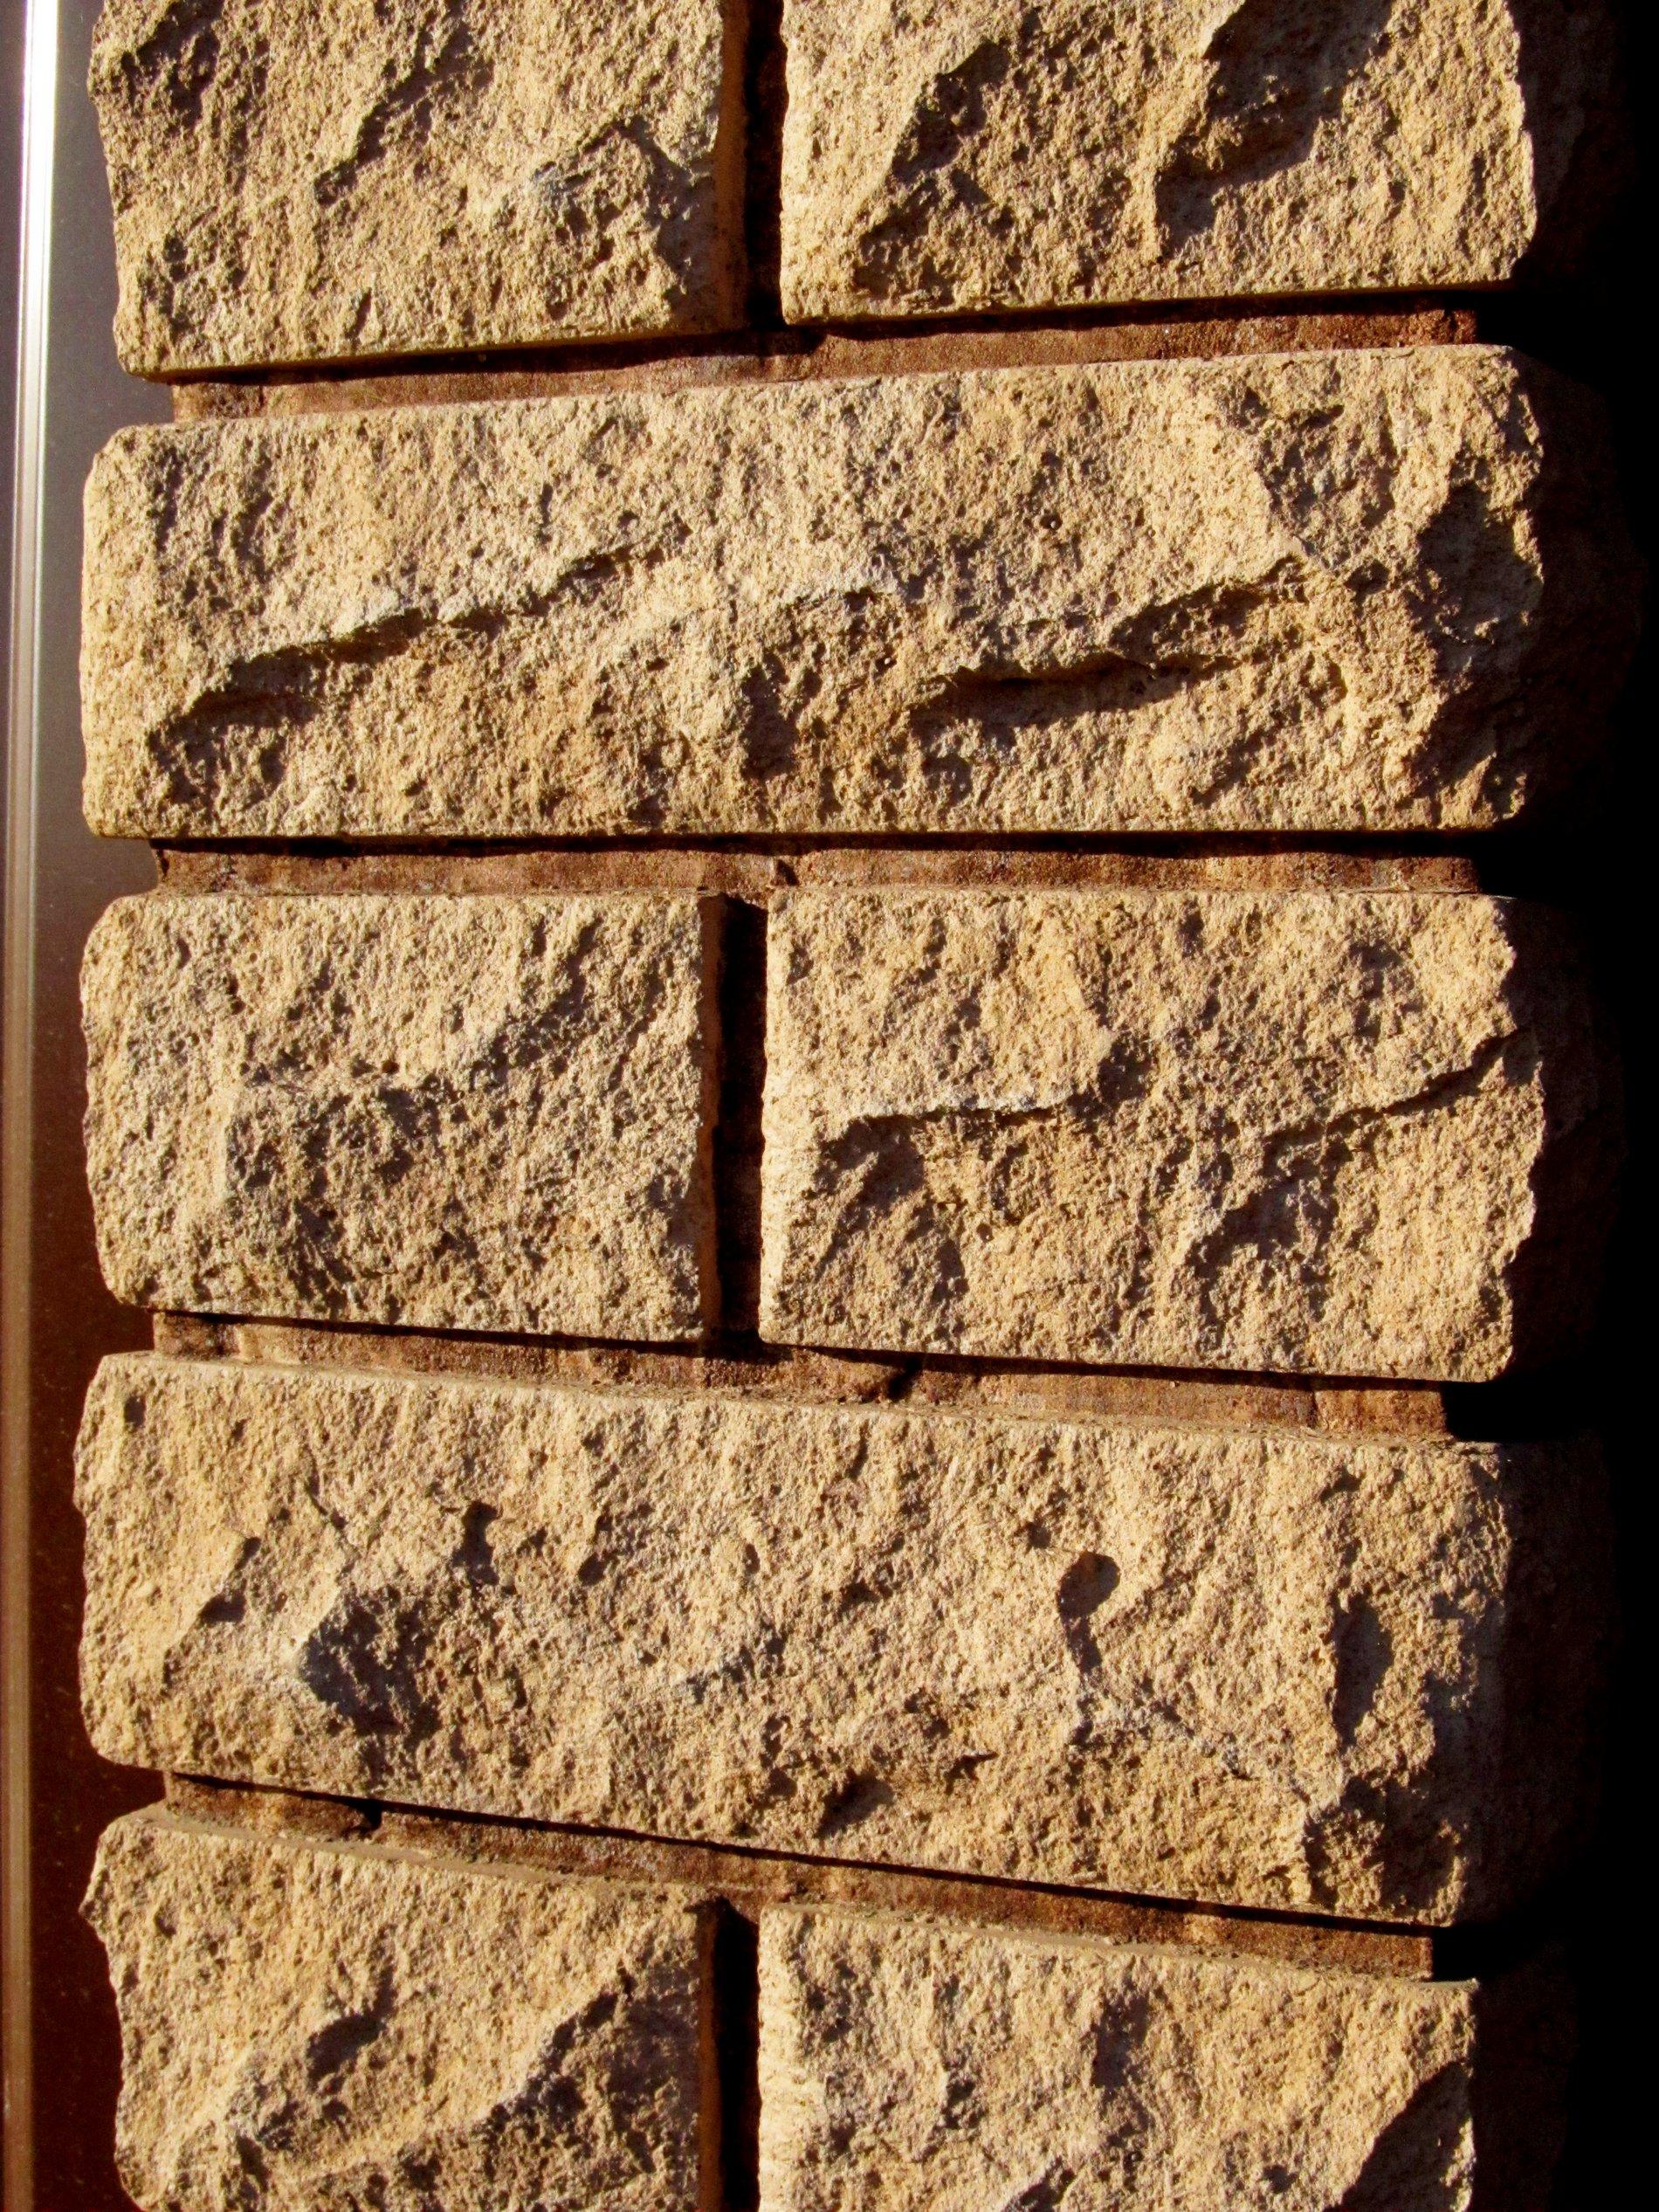 Нажмите на изображение для увеличения Название: Фото бетонного столба рваный кирпич 2.jpg Просмотров: 13 Размер:1.37 Мб ID:333692